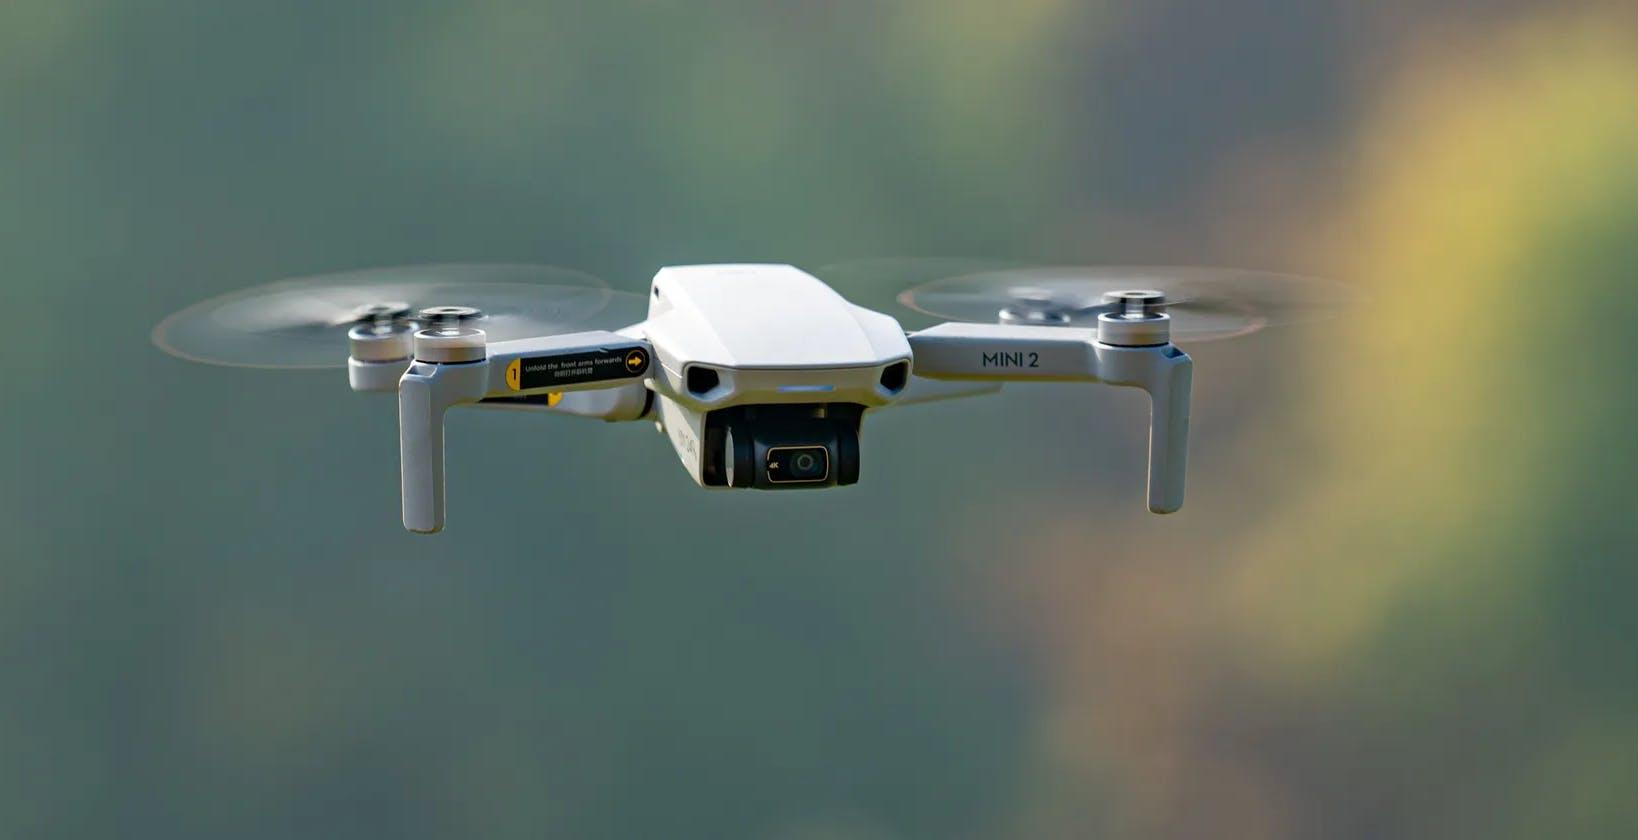 Nuovo regolamento europeo droni: DJI illustra la classificazione dei suoi modelli